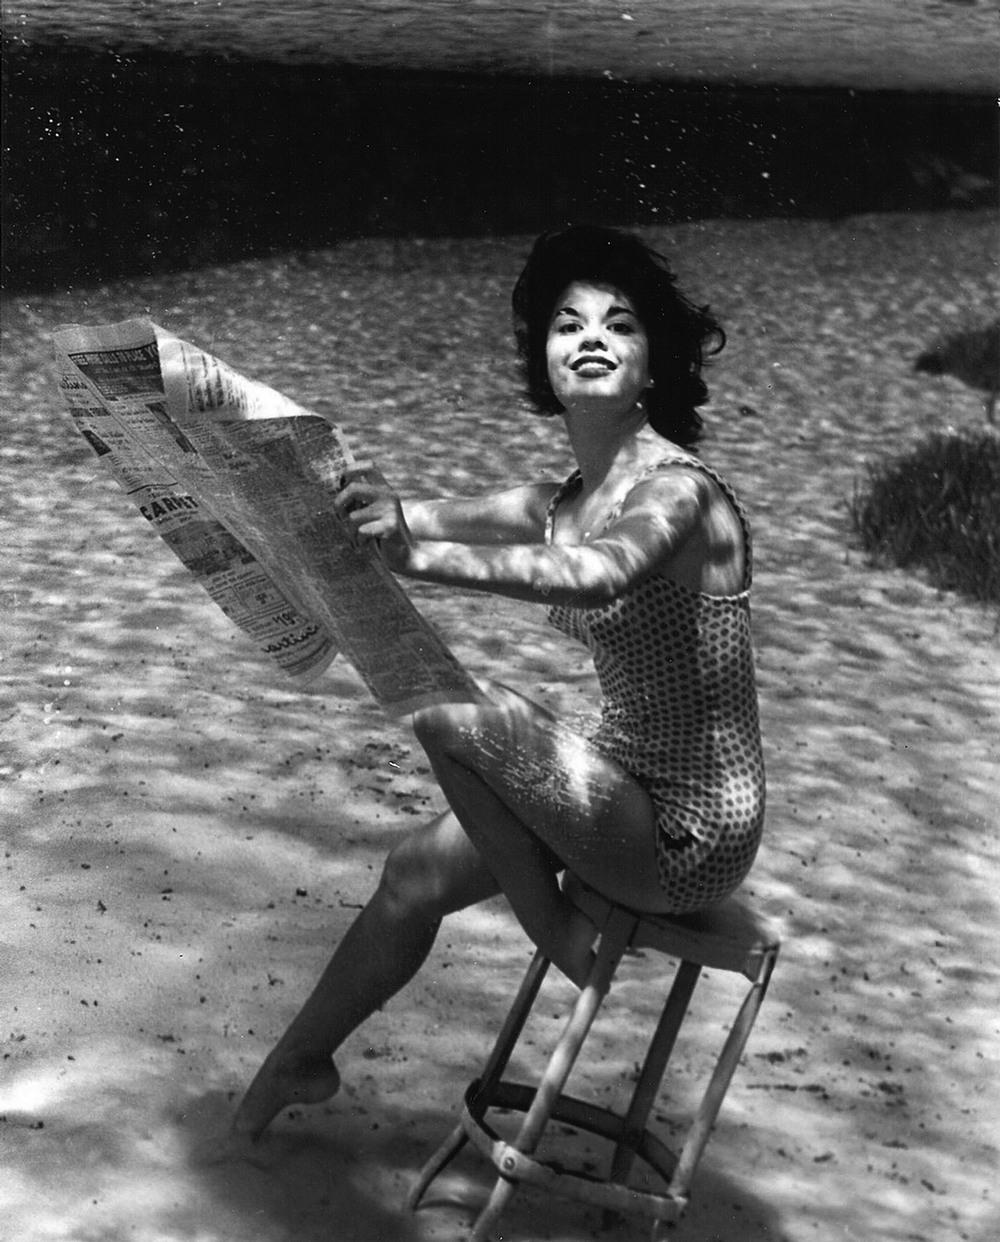 Пин-ап фотосессия 1938 года от пионера подводной фотографии Брюса Мозерта 9